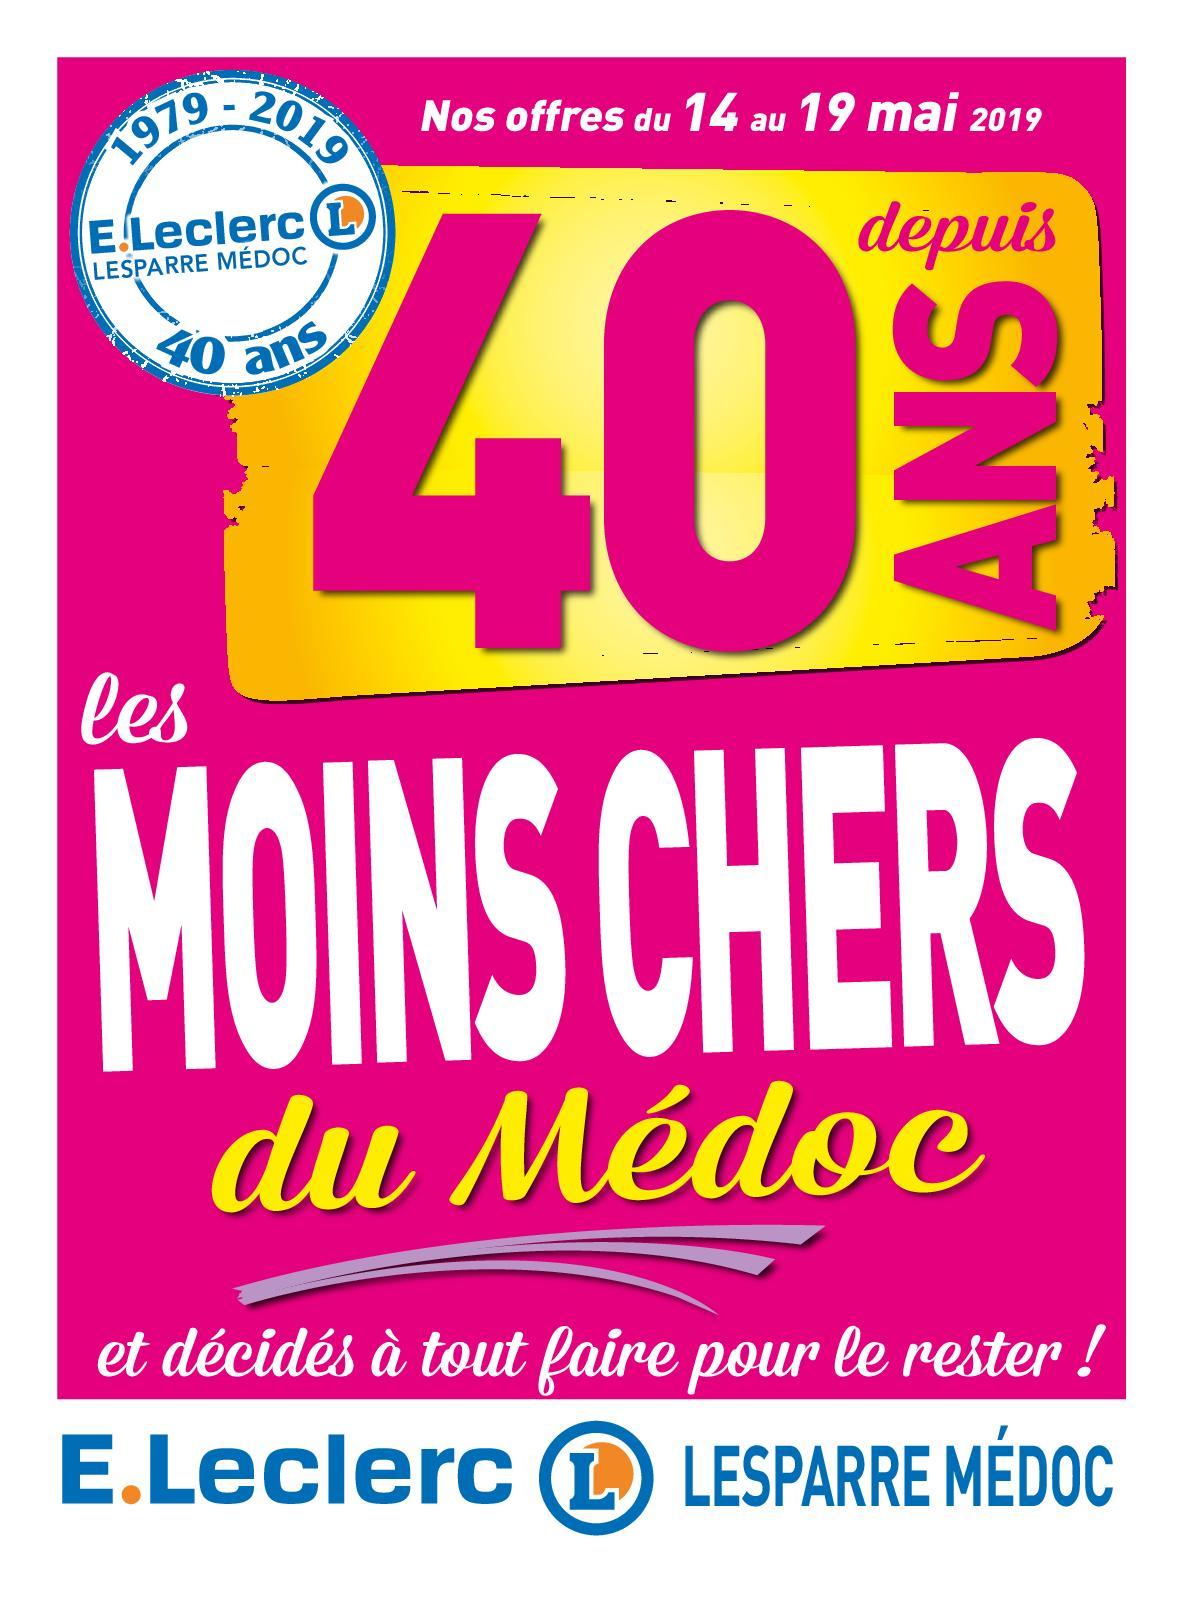 Calaméo - E.Leclerc Lesparre Médoc - Catalogue 40 ans